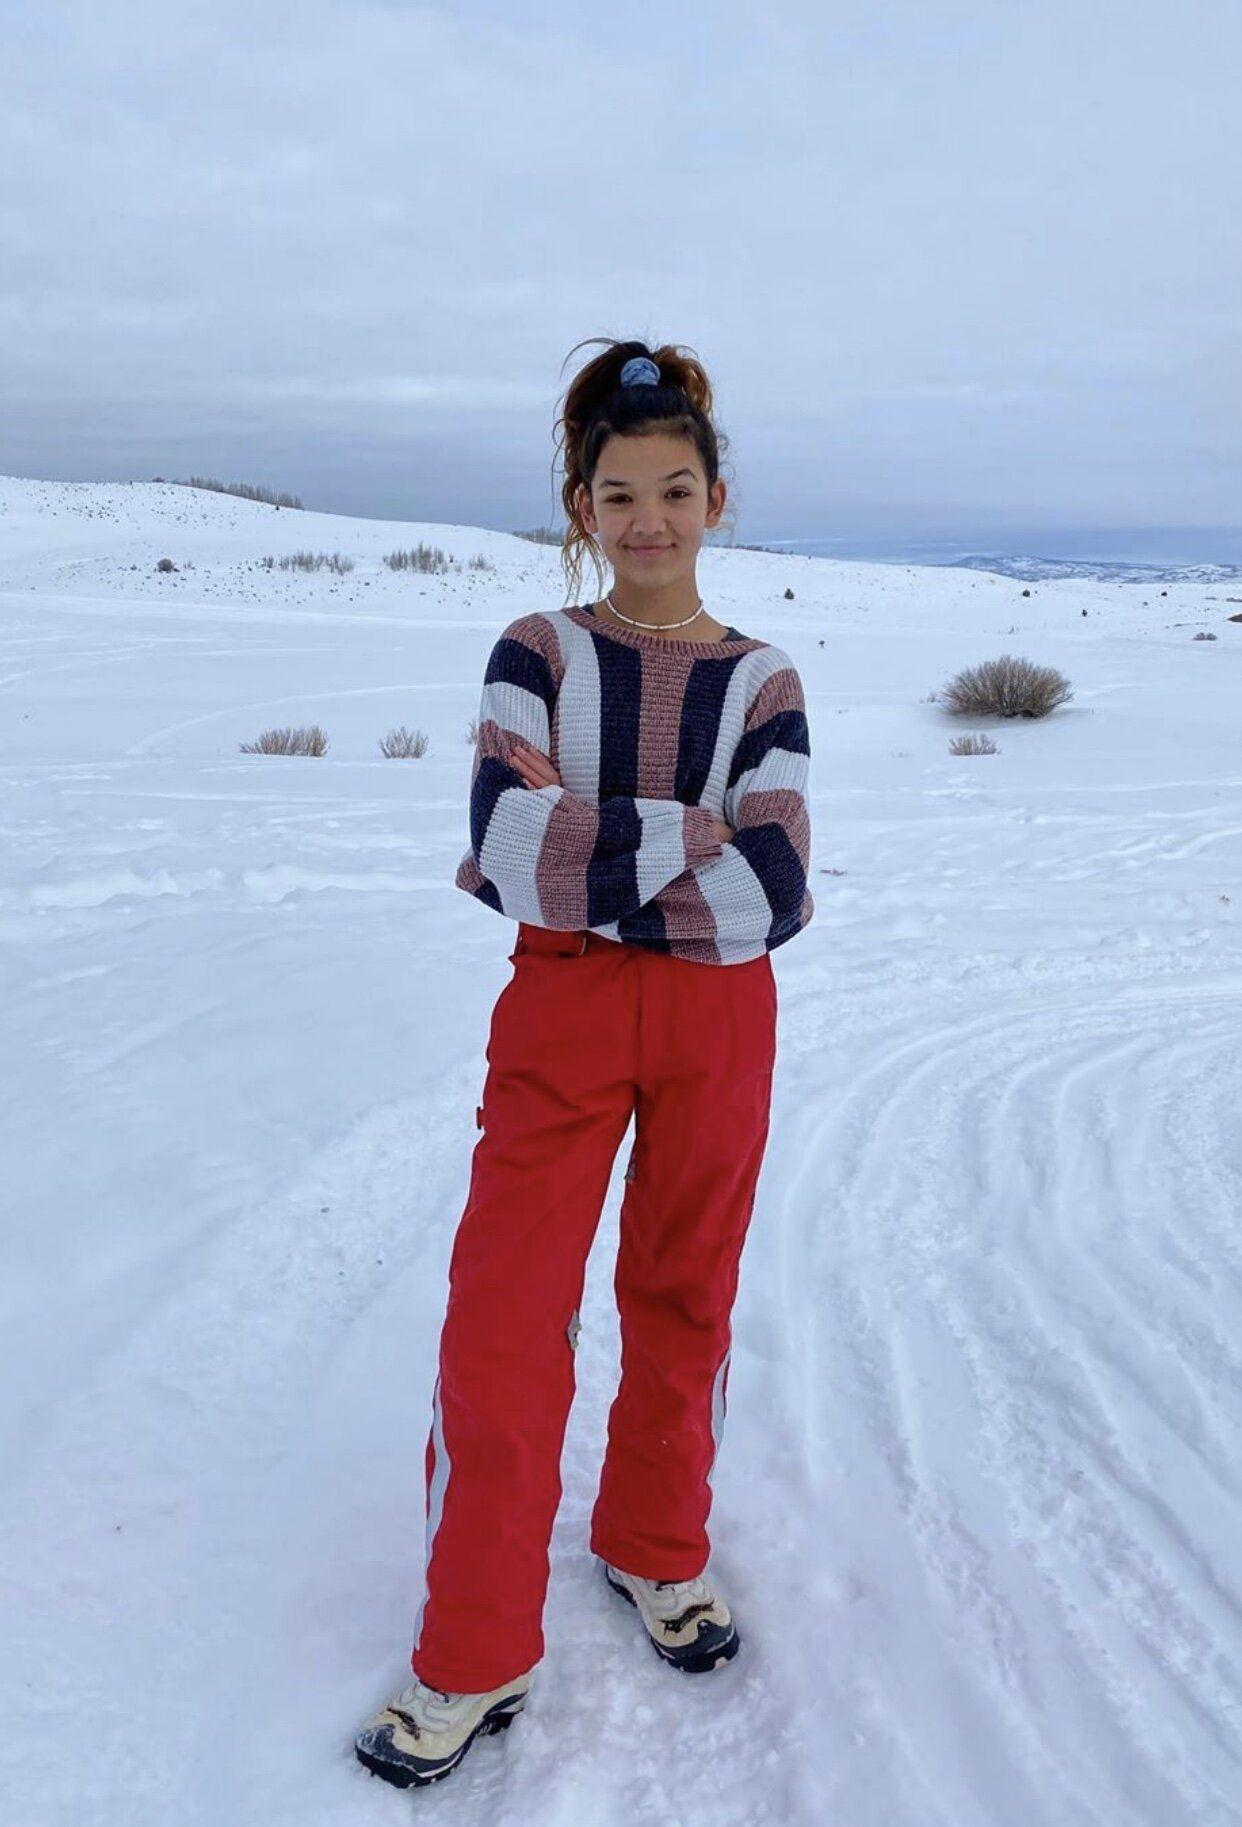 rykel in winter vacation